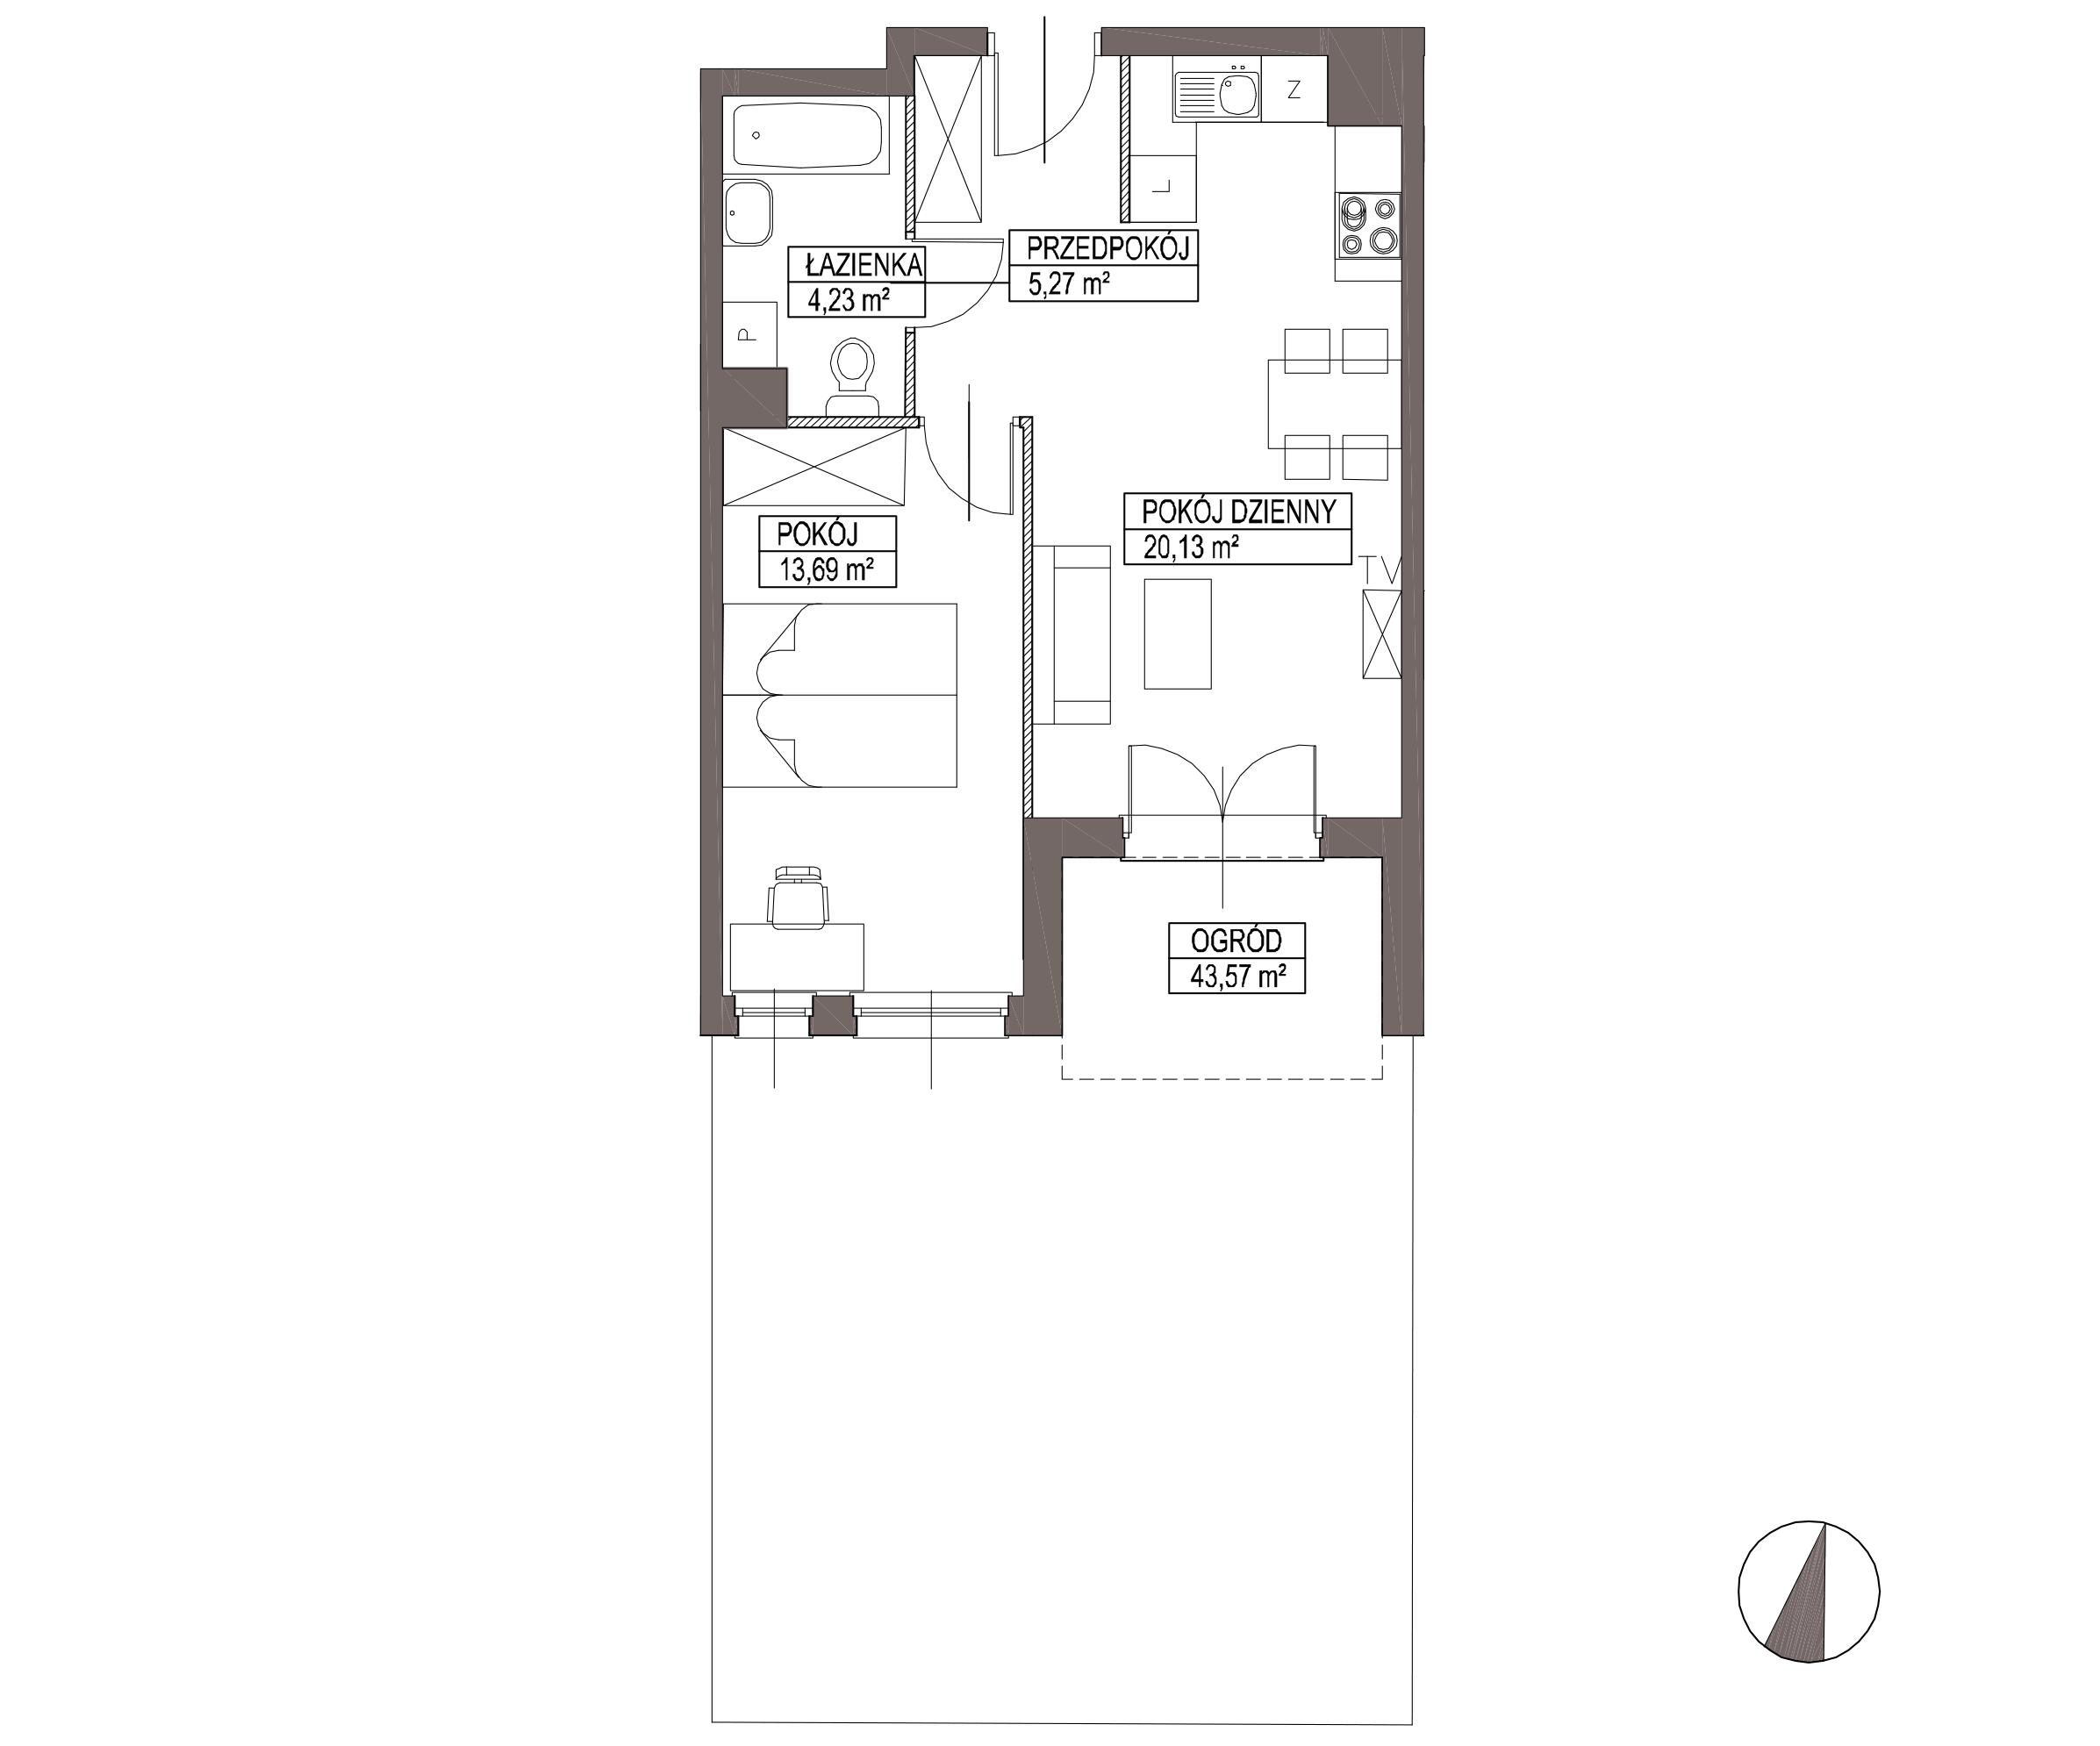 Kameralna Olszówka / budynek 1 / mieszkanie KO/A/0/4 rzut 1